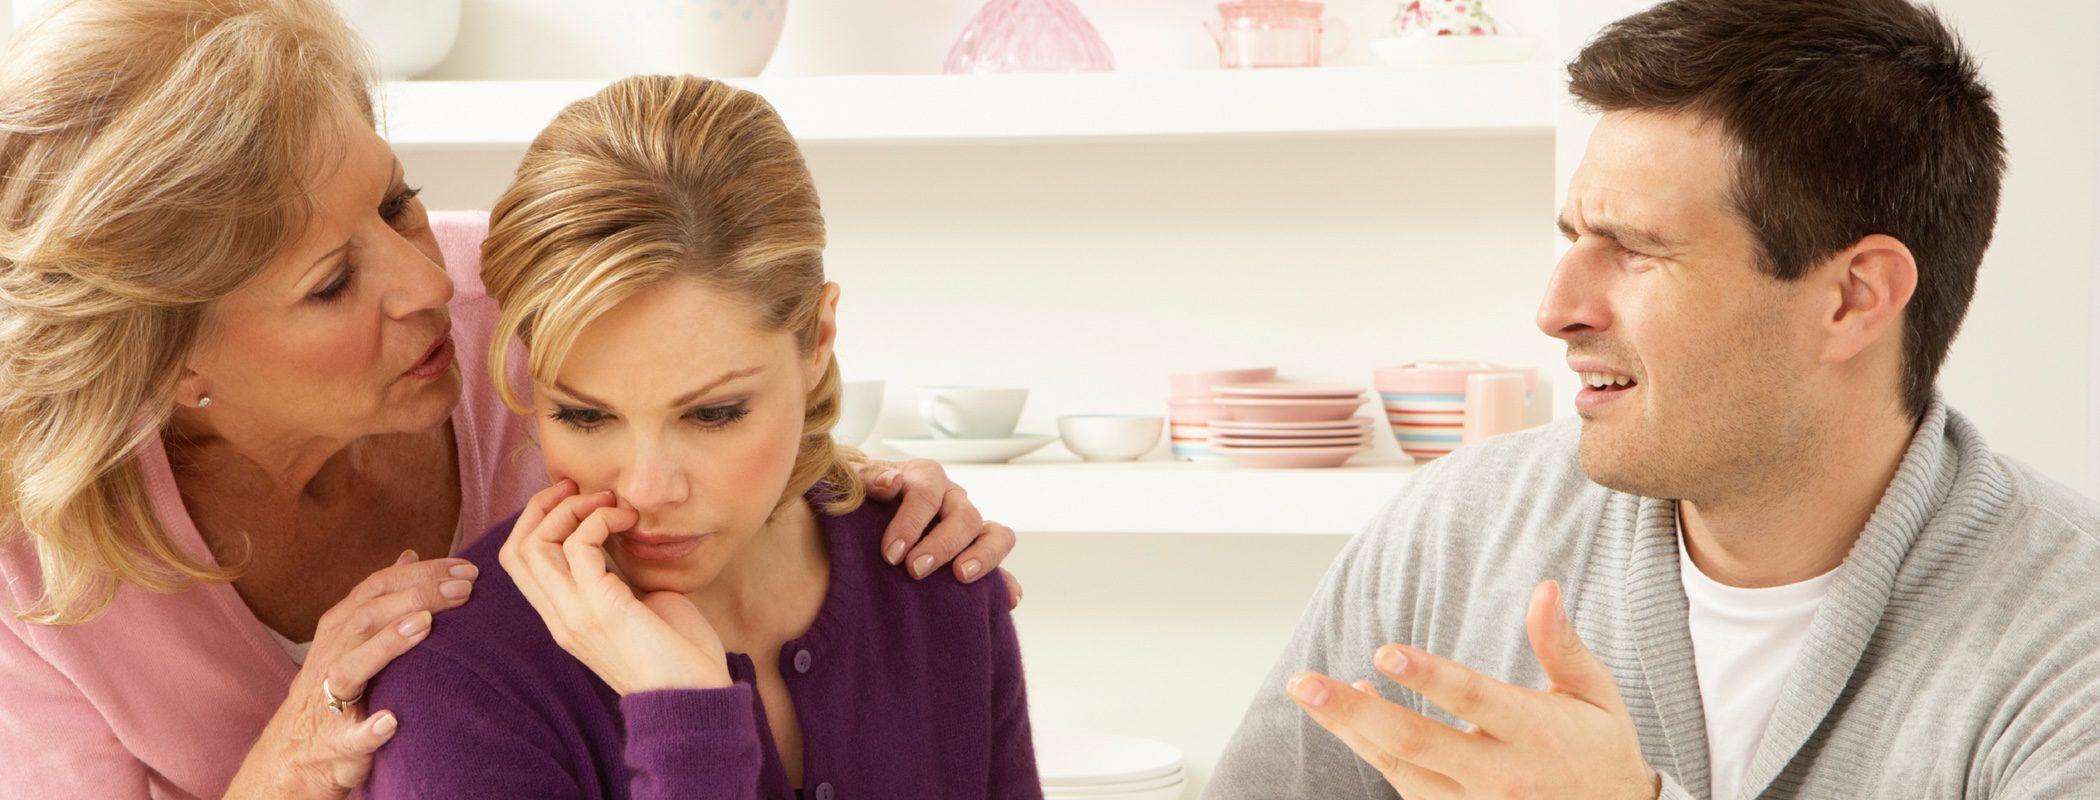 Llevarse bien con tu suegra sí es posible